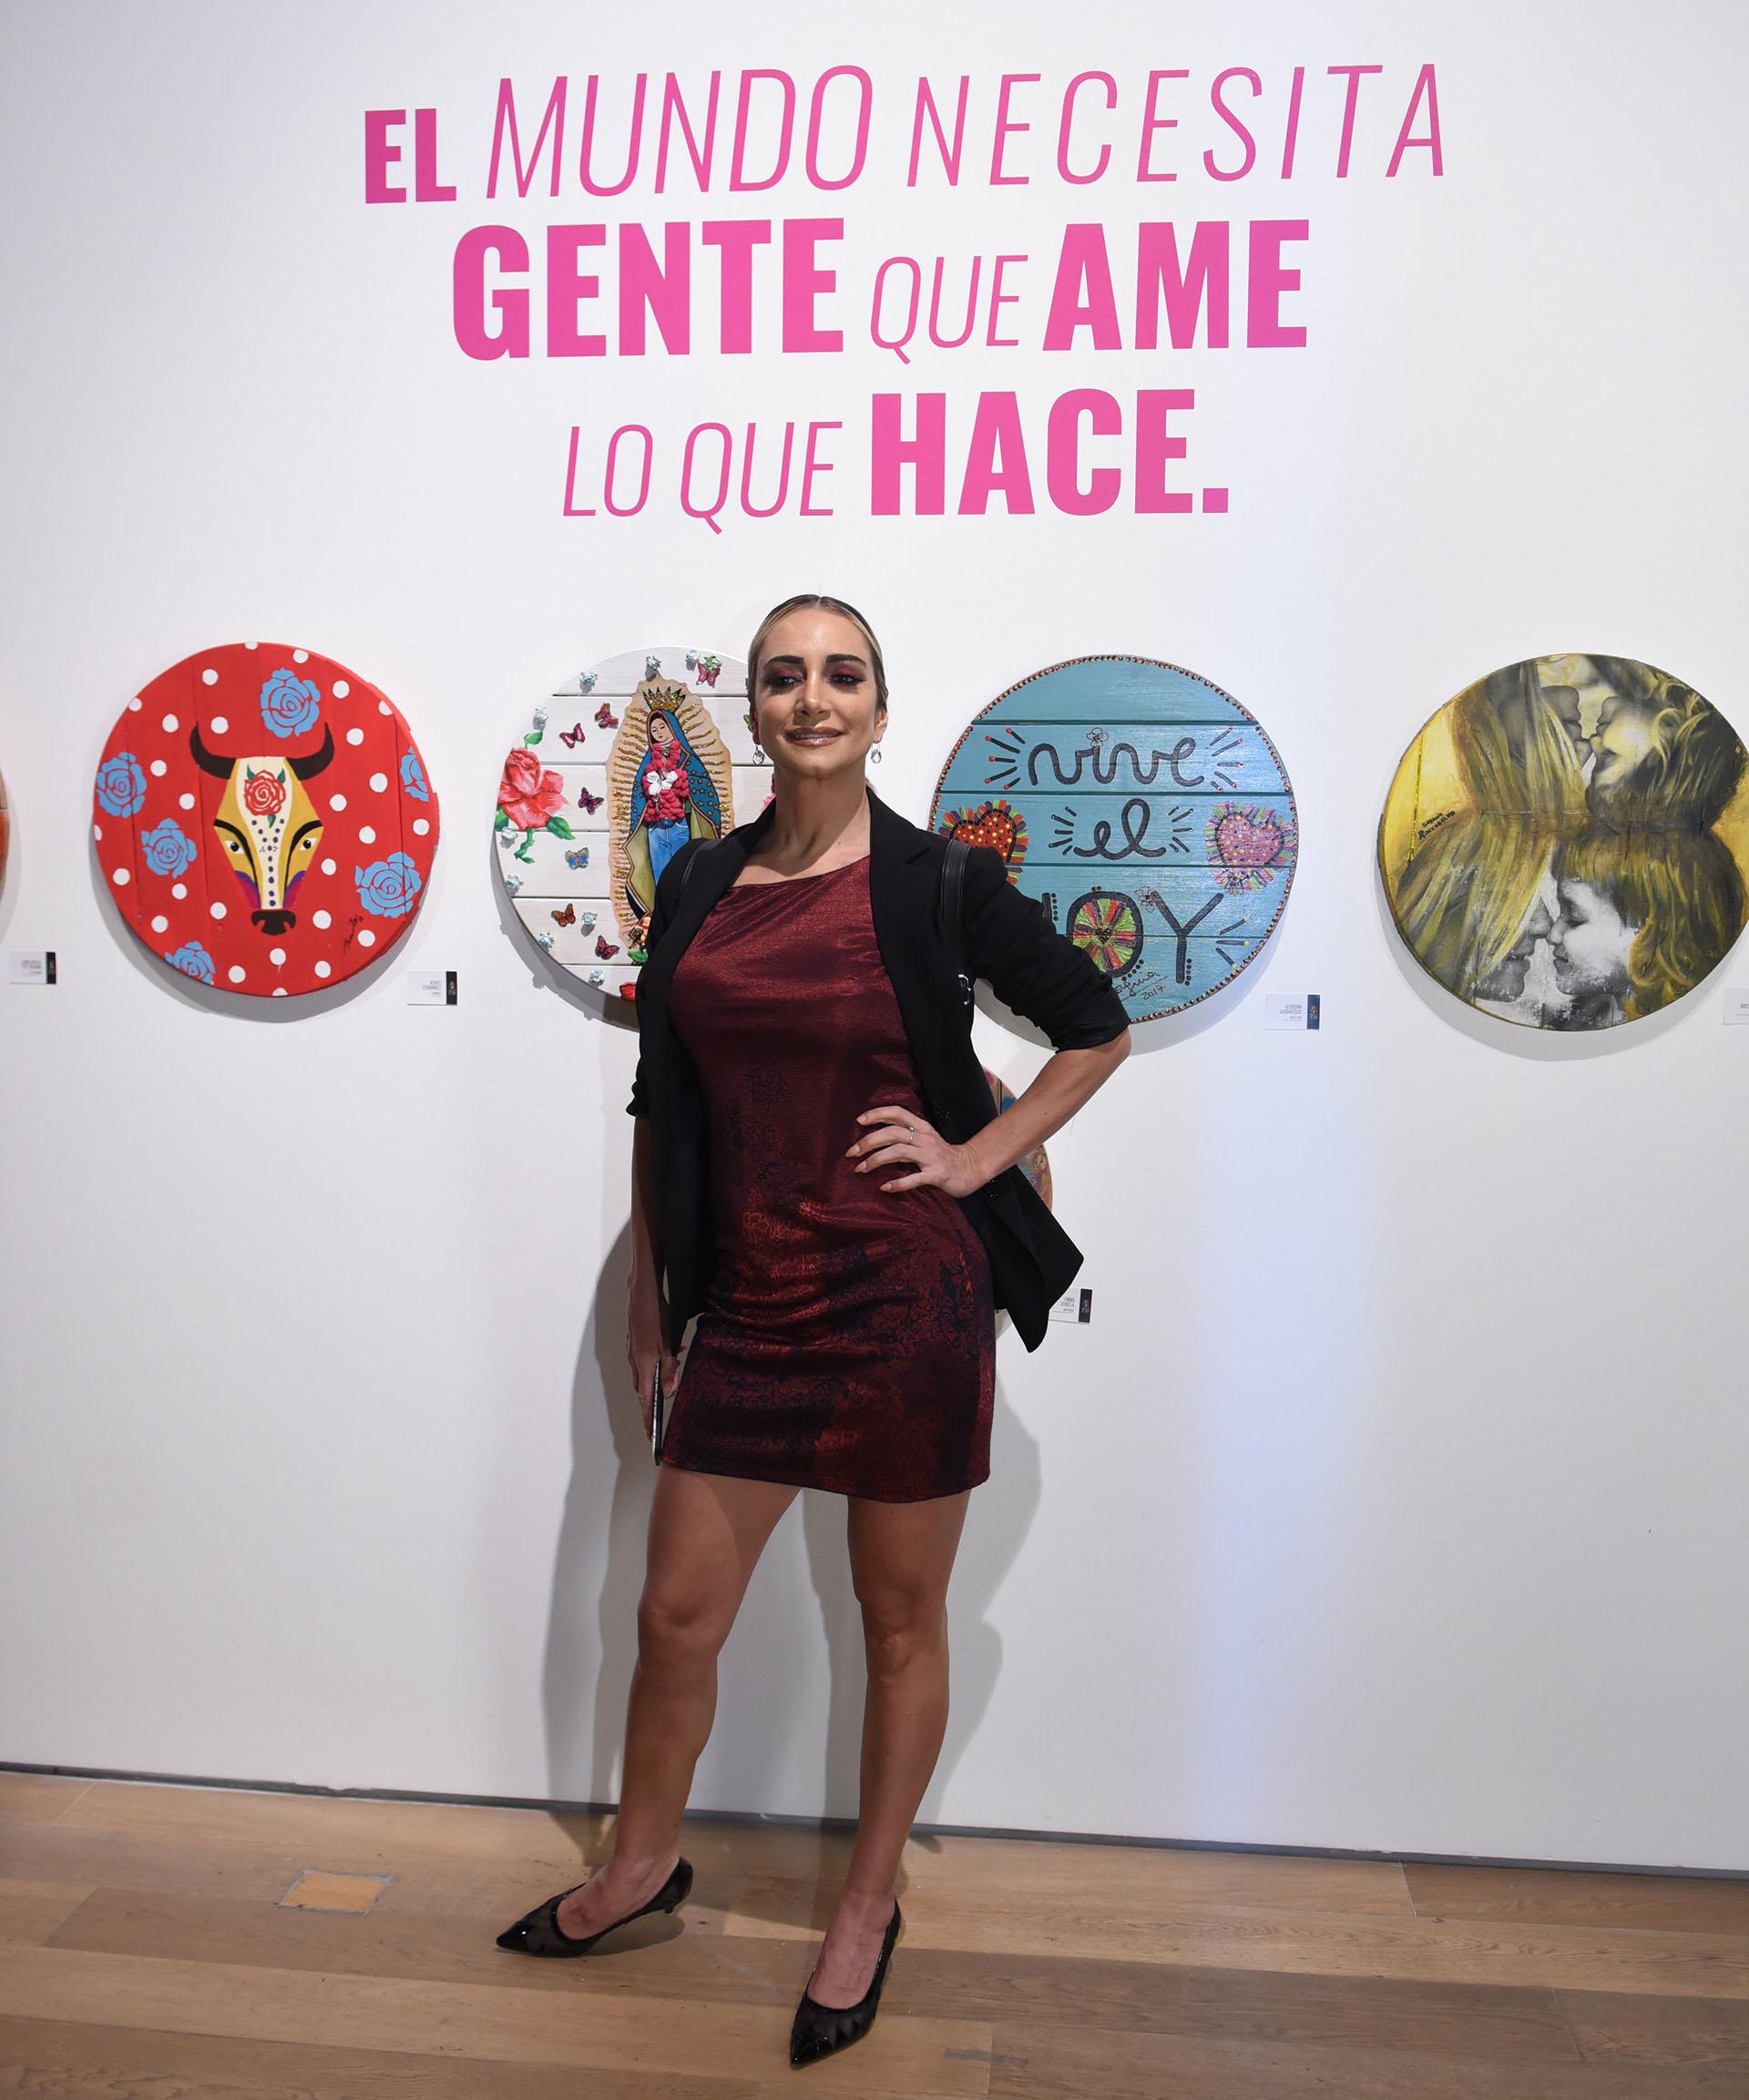 """Andrea Ghidone. Los pallets de 1 metro de diámetro, aproximadamente, fueron intervenidos con total libertad de texturas y colores, transformándose en un gran vehículo para ayudar a quienes más lo necesitan. """"El pallet es el soporte inspirador en el cual vive la obra realizada por los artistas convocados"""", destacó Paula Rivero, curadora de esta edición"""